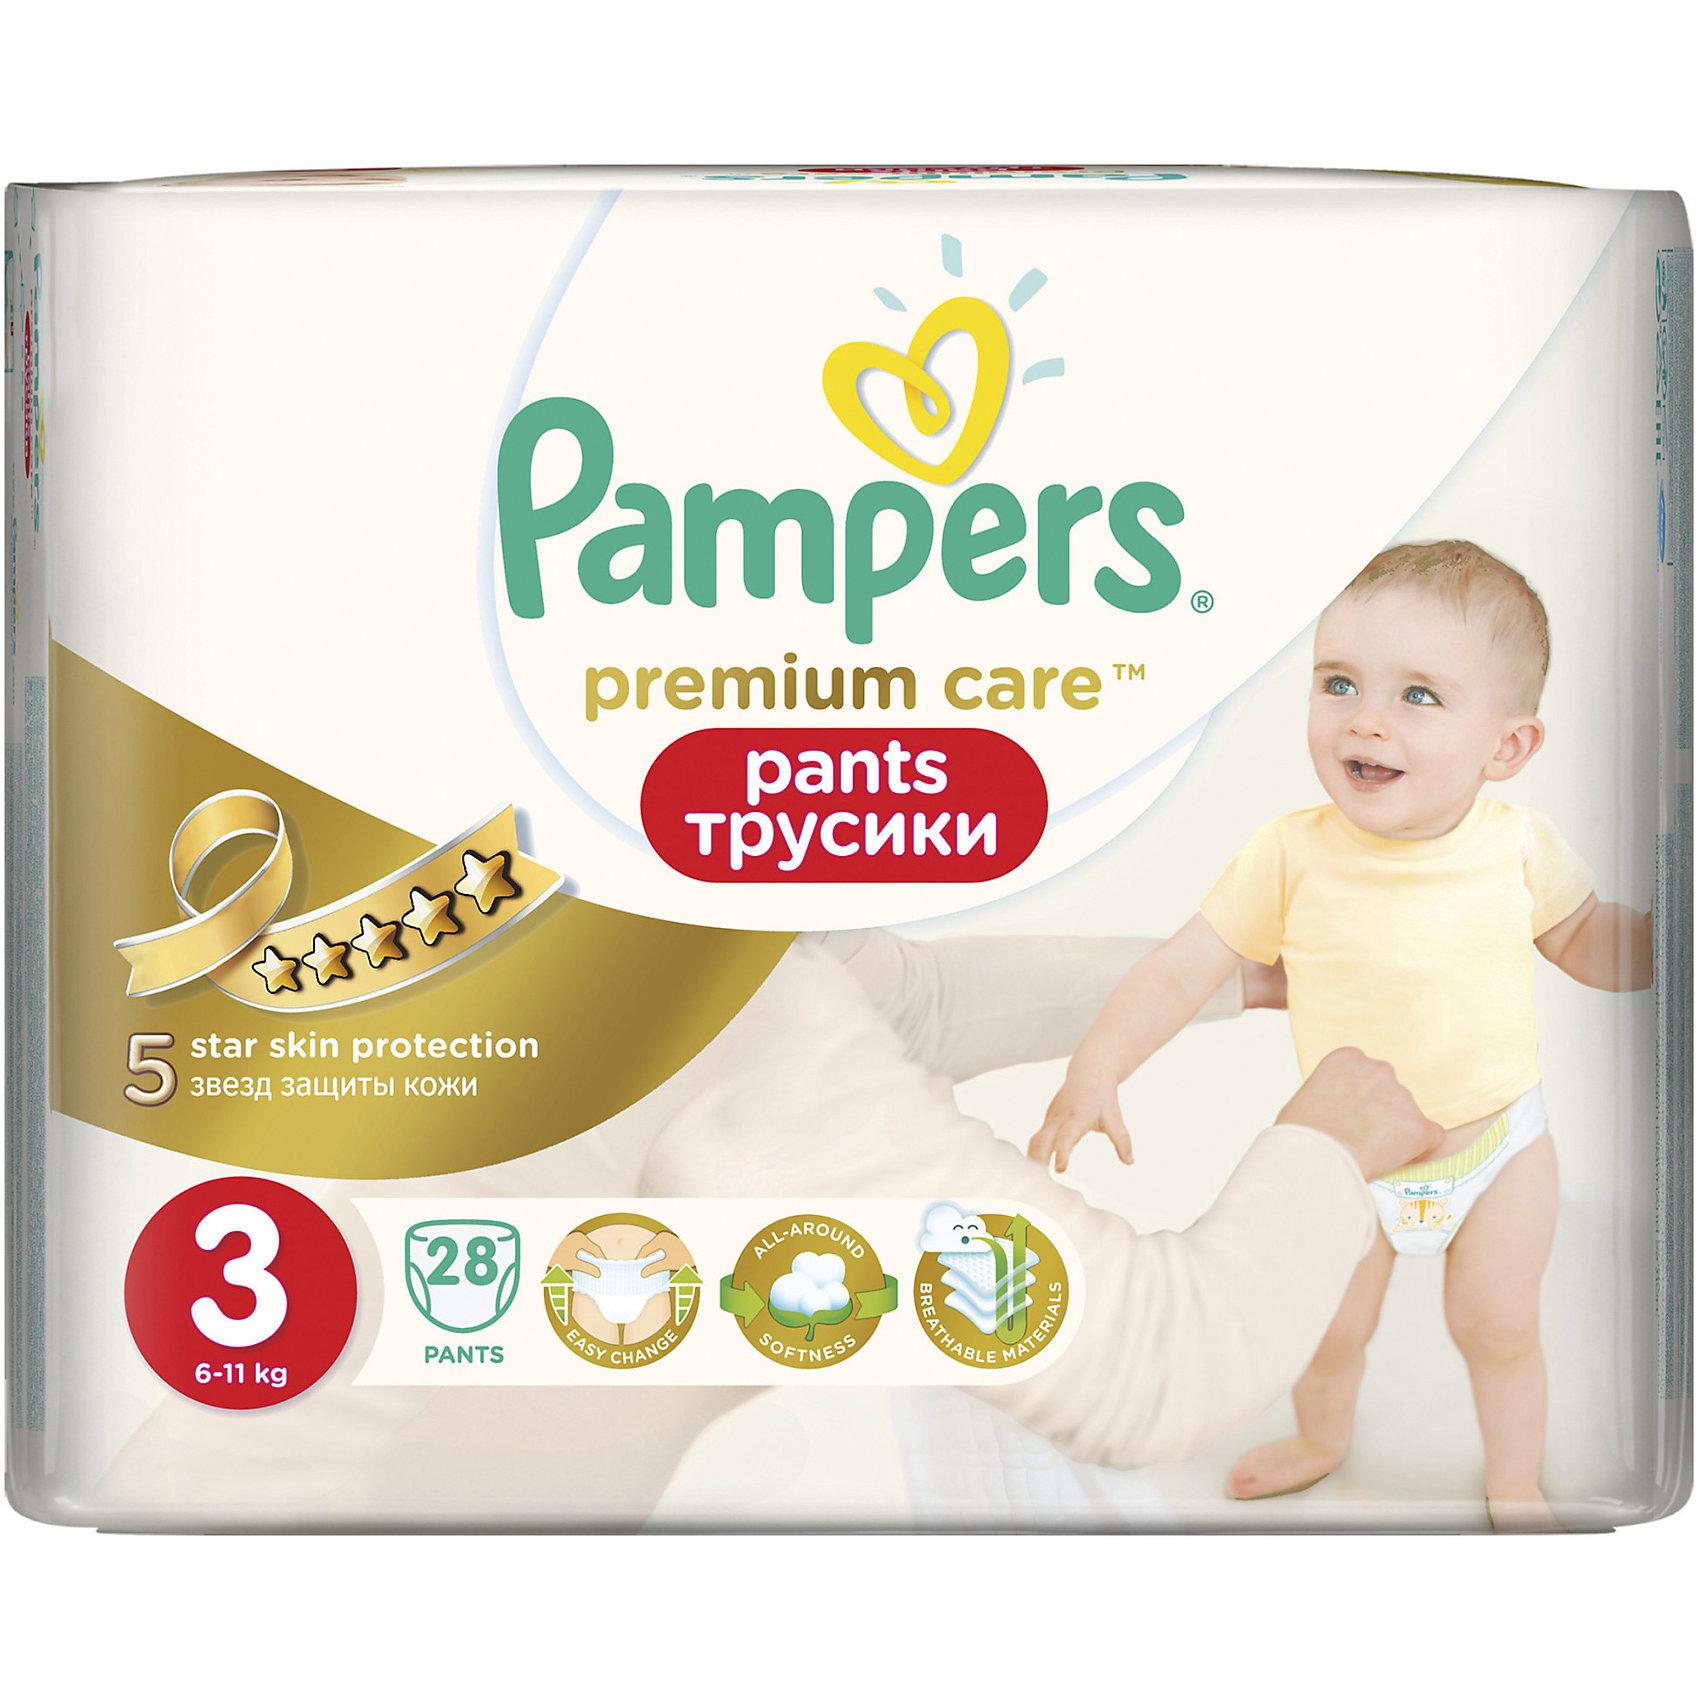 Трусики Pampers Premium Care Pants, 6-11кг, размер 3, 28 шт., PampersПодгузники 5-12 кг.<br>Характеристики:<br><br>• Вид подгузника: трусики<br>• Пол: универсальный<br>• Тип подгузника: одноразовый<br>• Коллекция: Premium Care<br>• Предназначение: для использования в любое время суток <br>• Размер: 3<br>• Вес ребенка: от 6 до 11 кг<br>• Количество в упаковке: 28 шт.<br>• Упаковка: пакет<br>• Размер упаковки: 27,6*14,3*21 см<br>• Вес в упаковке: 750 г<br>• Наружные боковые швы<br>• Подходят для чувствительной кожи<br>• Индикатор влаги<br>• Дышащие материалы<br>• Повышенные впитывающие свойства<br><br>Трусики Pampers Premium Care Pants, 6-11кг, размер 3, 28 шт., Pampers – это новейшая линейка детских подгузников от Pampers, которая сочетает в себе высокое качество и безопасность материалов, удобство использования и комфорт для нежной кожи малыша. Подгузники выполнены в виде трусиков и предназначены для детей весом до 11 кг. Инновационные технологии и современные материалы обеспечивают этим подгузникам дышащие свойства, что особенно важно для кожи малыша. <br><br>Три впитывающих слоя обеспечивают повышенные впитывающие качества, при этом верхний слой остается сухим и мягким. У трусиков предусмотрена эластичная мягкая резиночка на спинке и манжеты на ножках, что защищает от протекания. У изделия имеется индикатор сухости-влажности: полоска, которая по мере наполнения меняет цвет. Боковые наружные швы не натирают нежную кожу малыша, легко разрываются при смене трусиков. Сзади имеется клейкая лента, которая позволяет зафиксировать свернутые после использования трусики. Трусики подходит как для мальчиков, так и для девочек. <br><br>Трусики Pampers Premium Care Pants, 6-11кг, размер 3, 28 шт., Pampers можно купить в нашем интернет-магазине.<br><br>Ширина мм: 267<br>Глубина мм: 143<br>Высота мм: 210<br>Вес г: 75<br>Возраст от месяцев: 3<br>Возраст до месяцев: 12<br>Пол: Унисекс<br>Возраст: Детский<br>SKU: 5419032